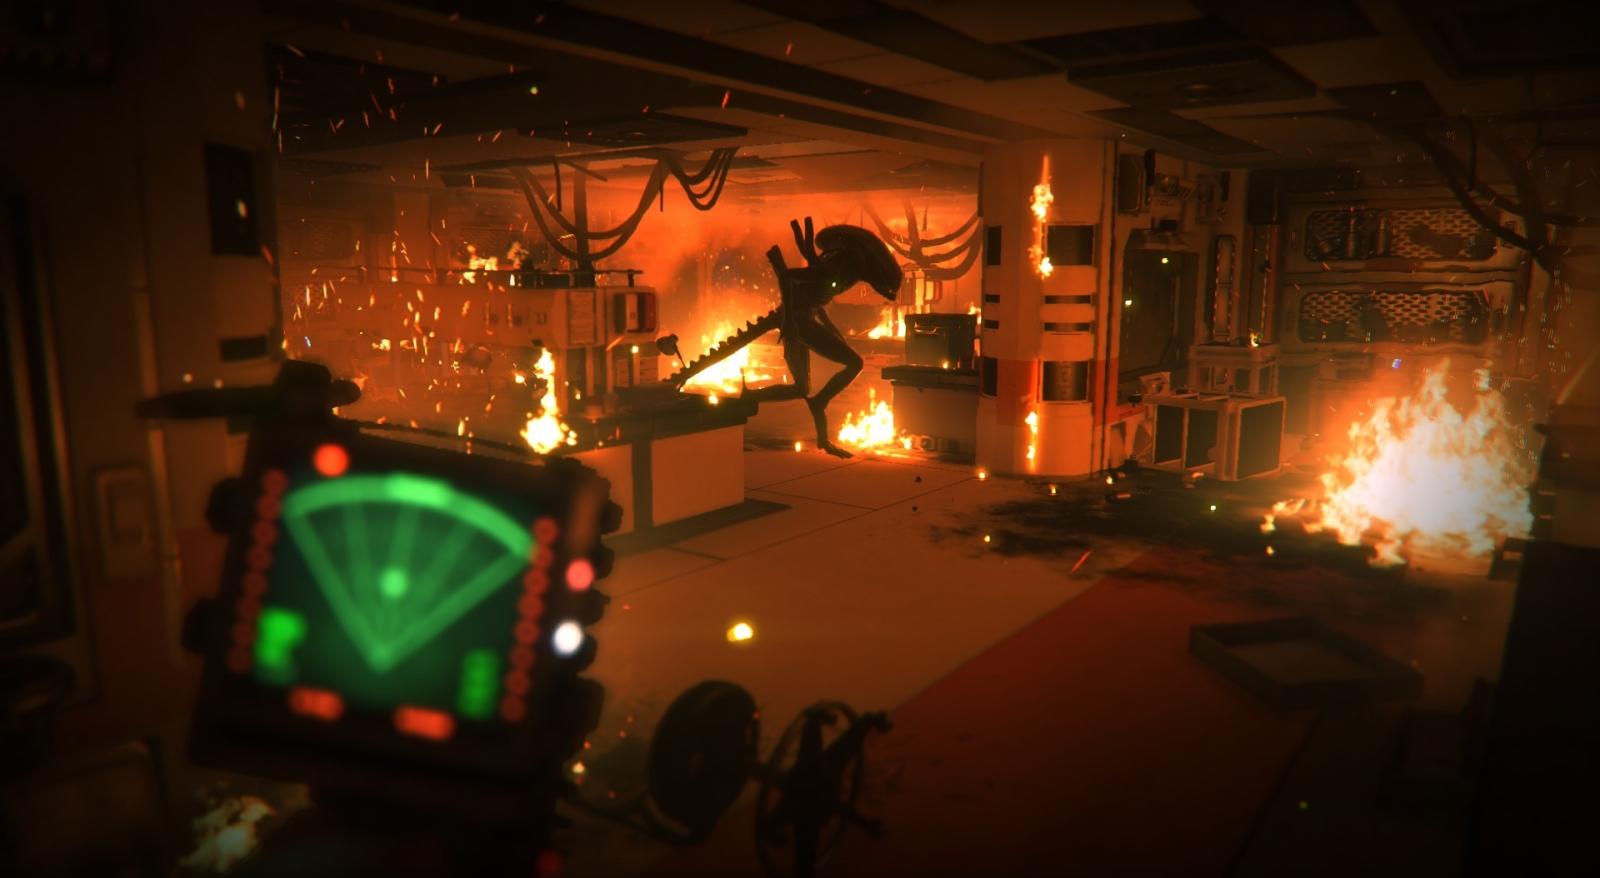 PS4 Alien Isolation